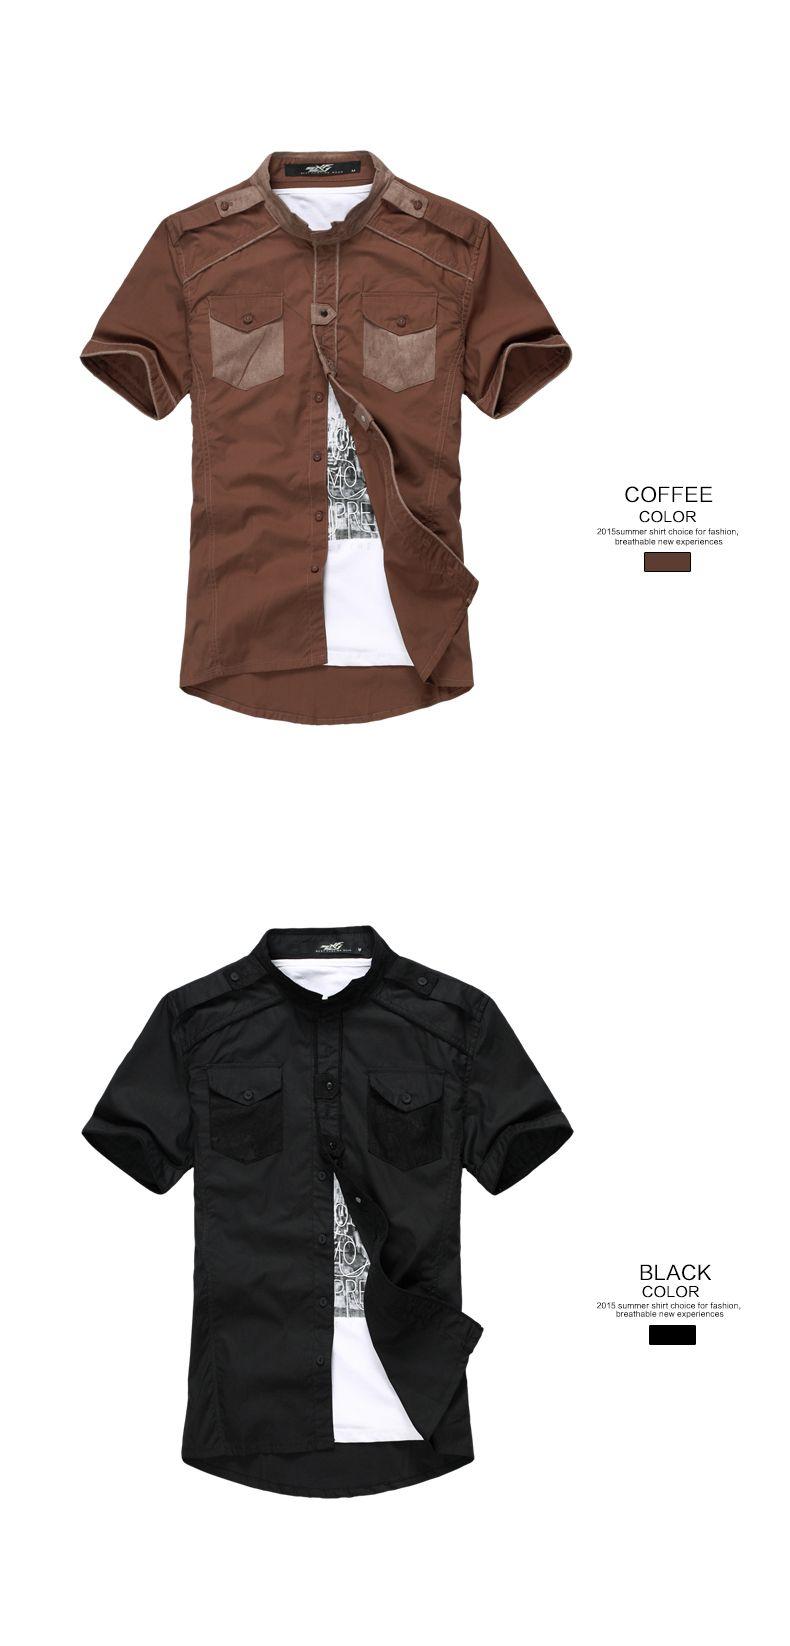 b3a5e862b45 Mens slim fit de alta calidad de la manera caliente al por mayor mens  camisas de vestir-Tallas grandes de Camisas y Blusas-Identificación del ...